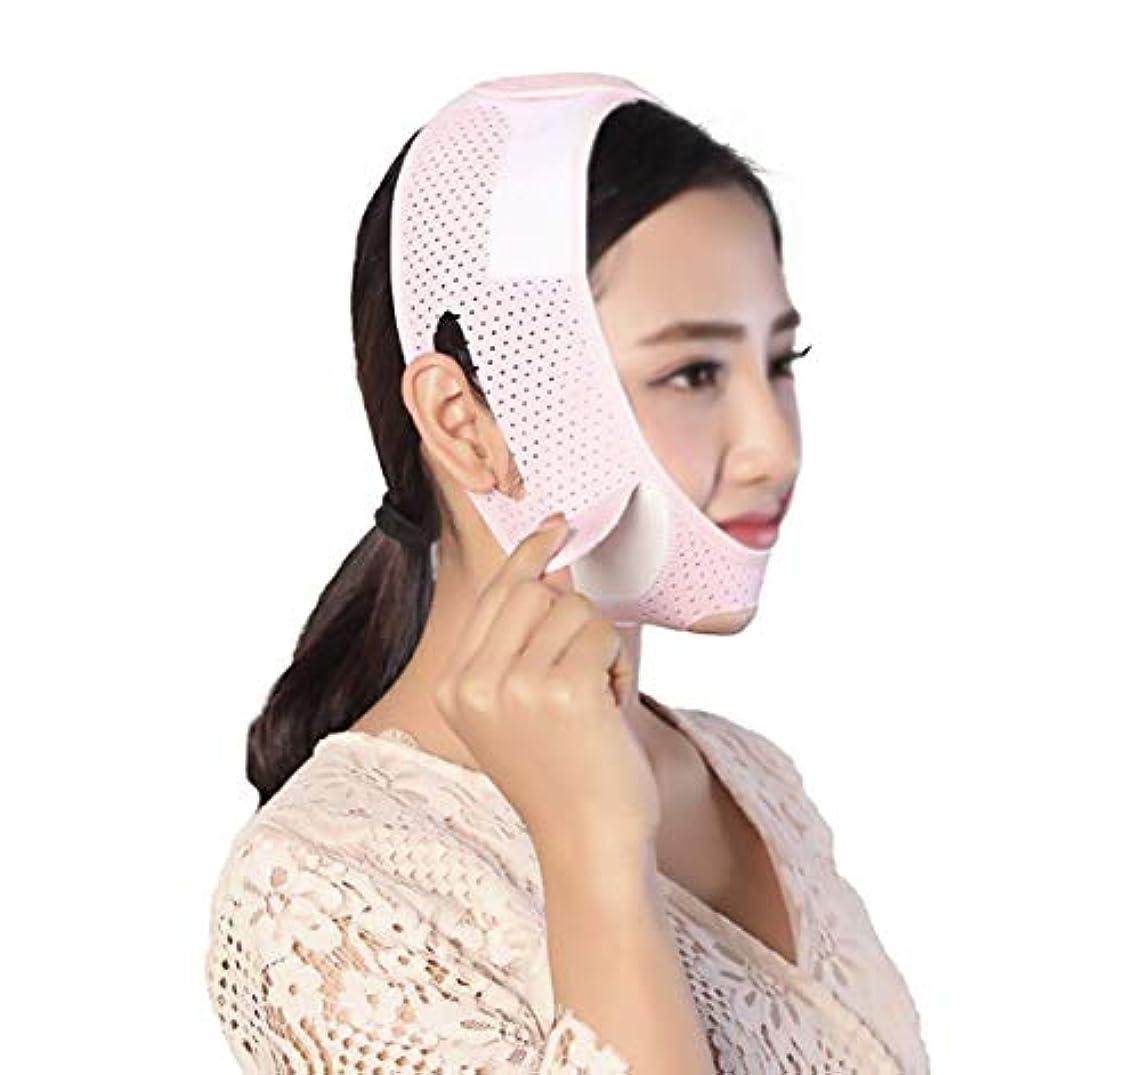 ブラインド他のバンドで傭兵顔と首を持ち上げる術後弾性セットVフェイスマスクは、チンV顔アーティファクト回復サポートベルトの収縮の調整を強化します。